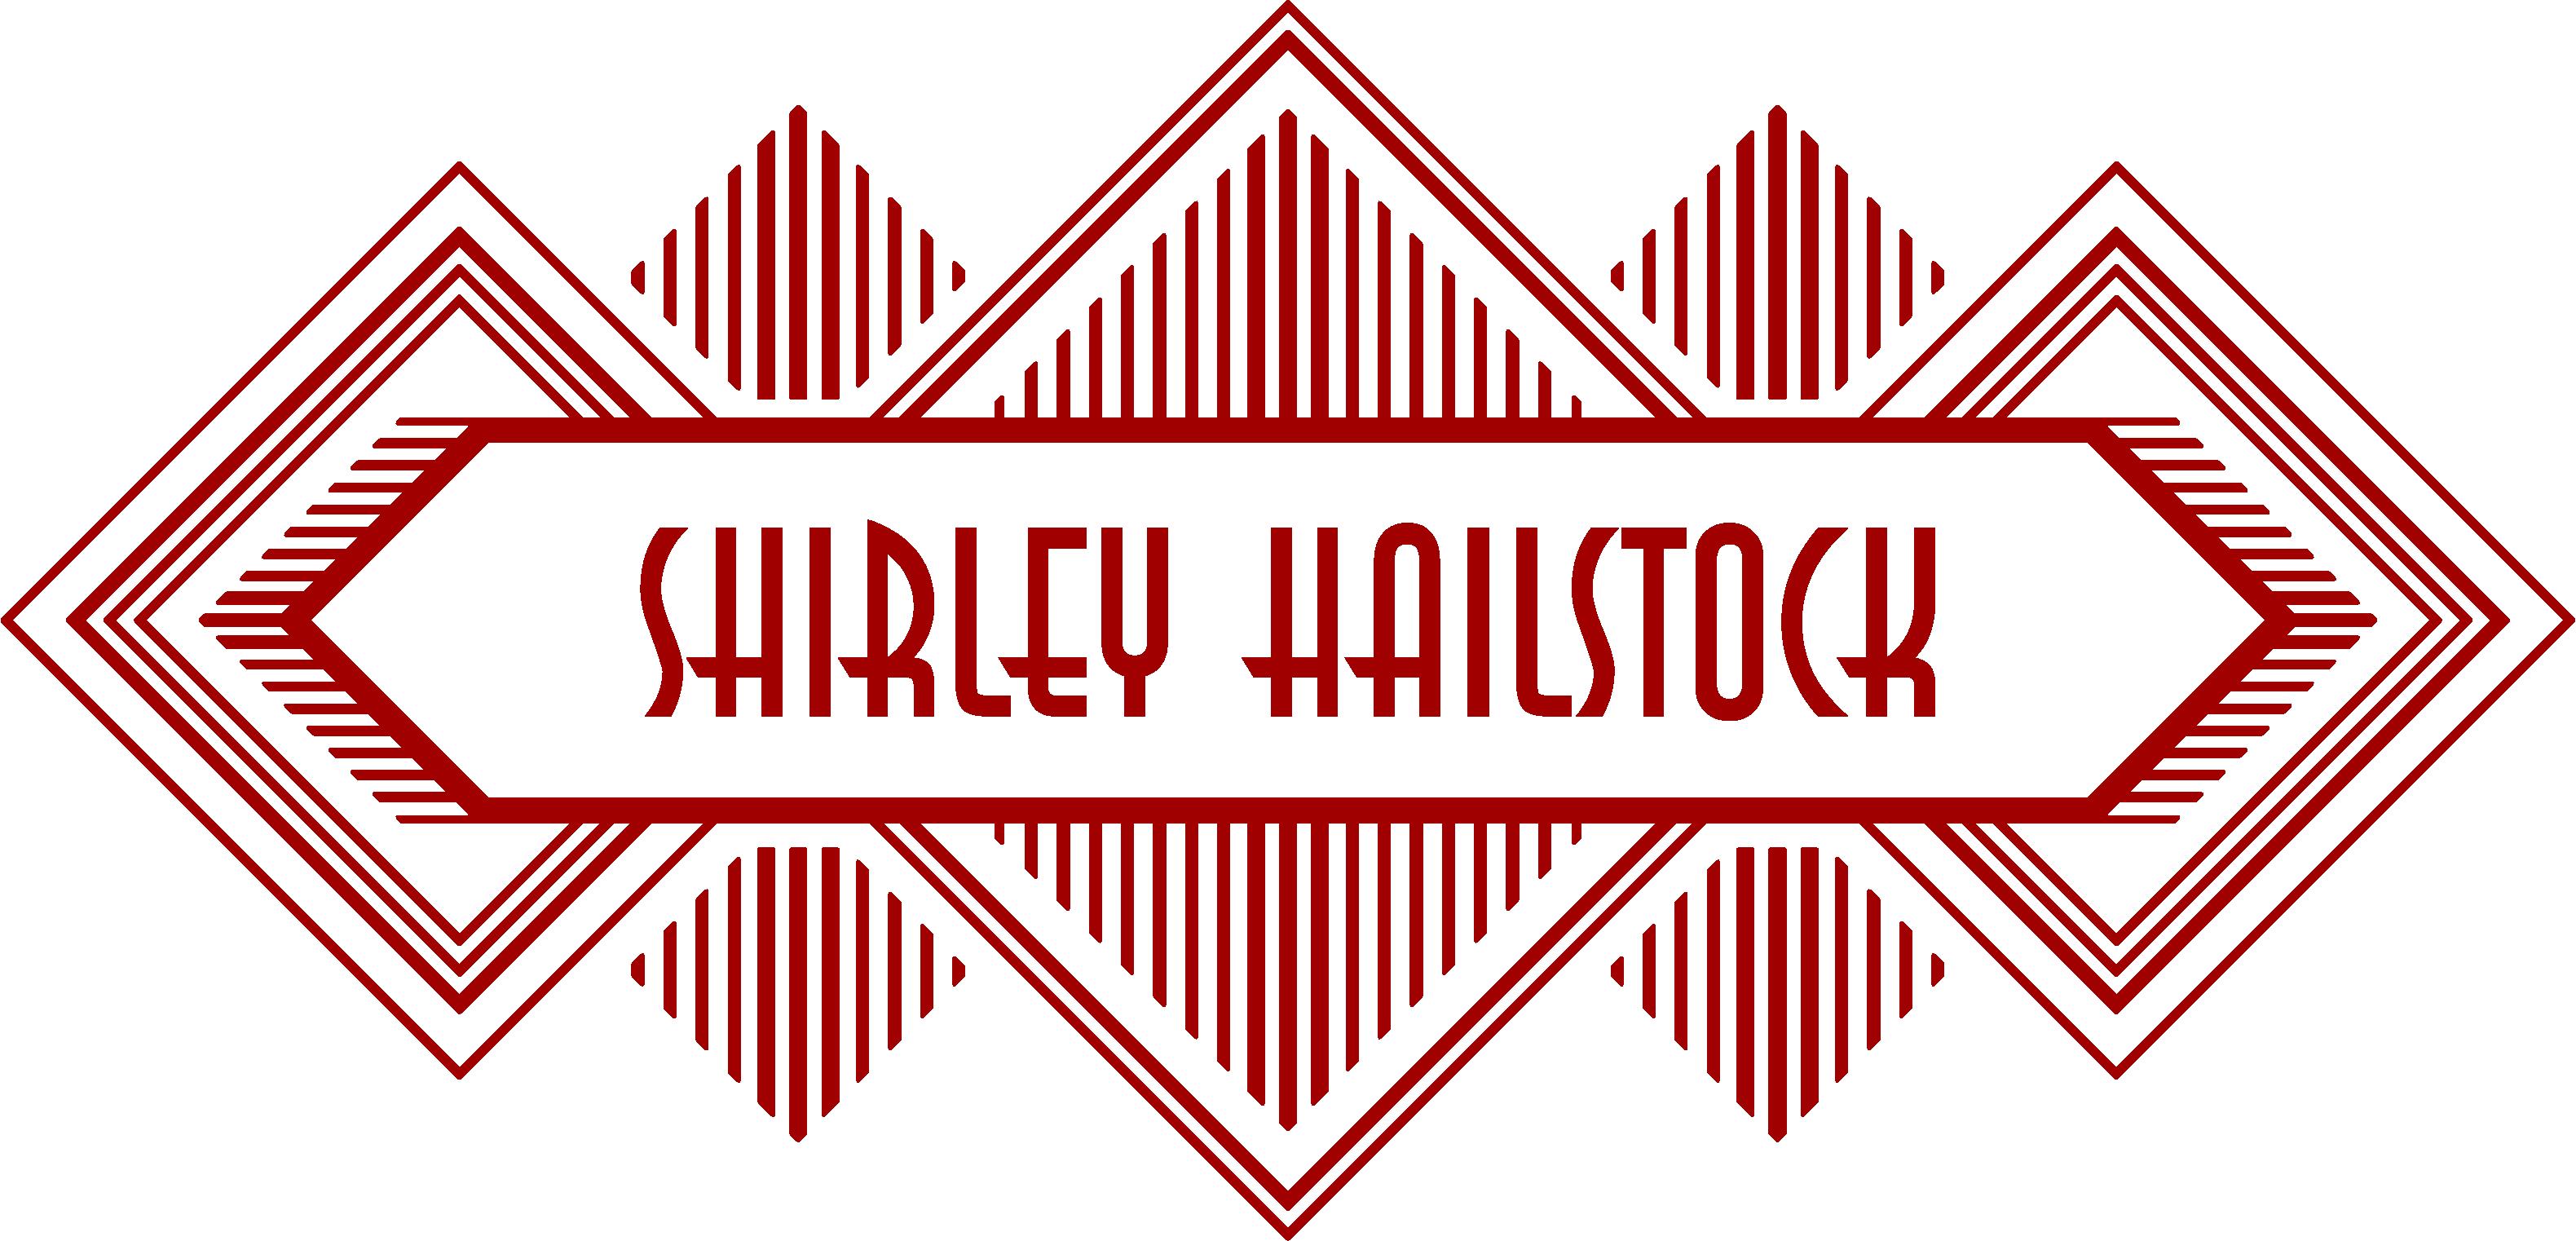 Shirley Hailstock Logo